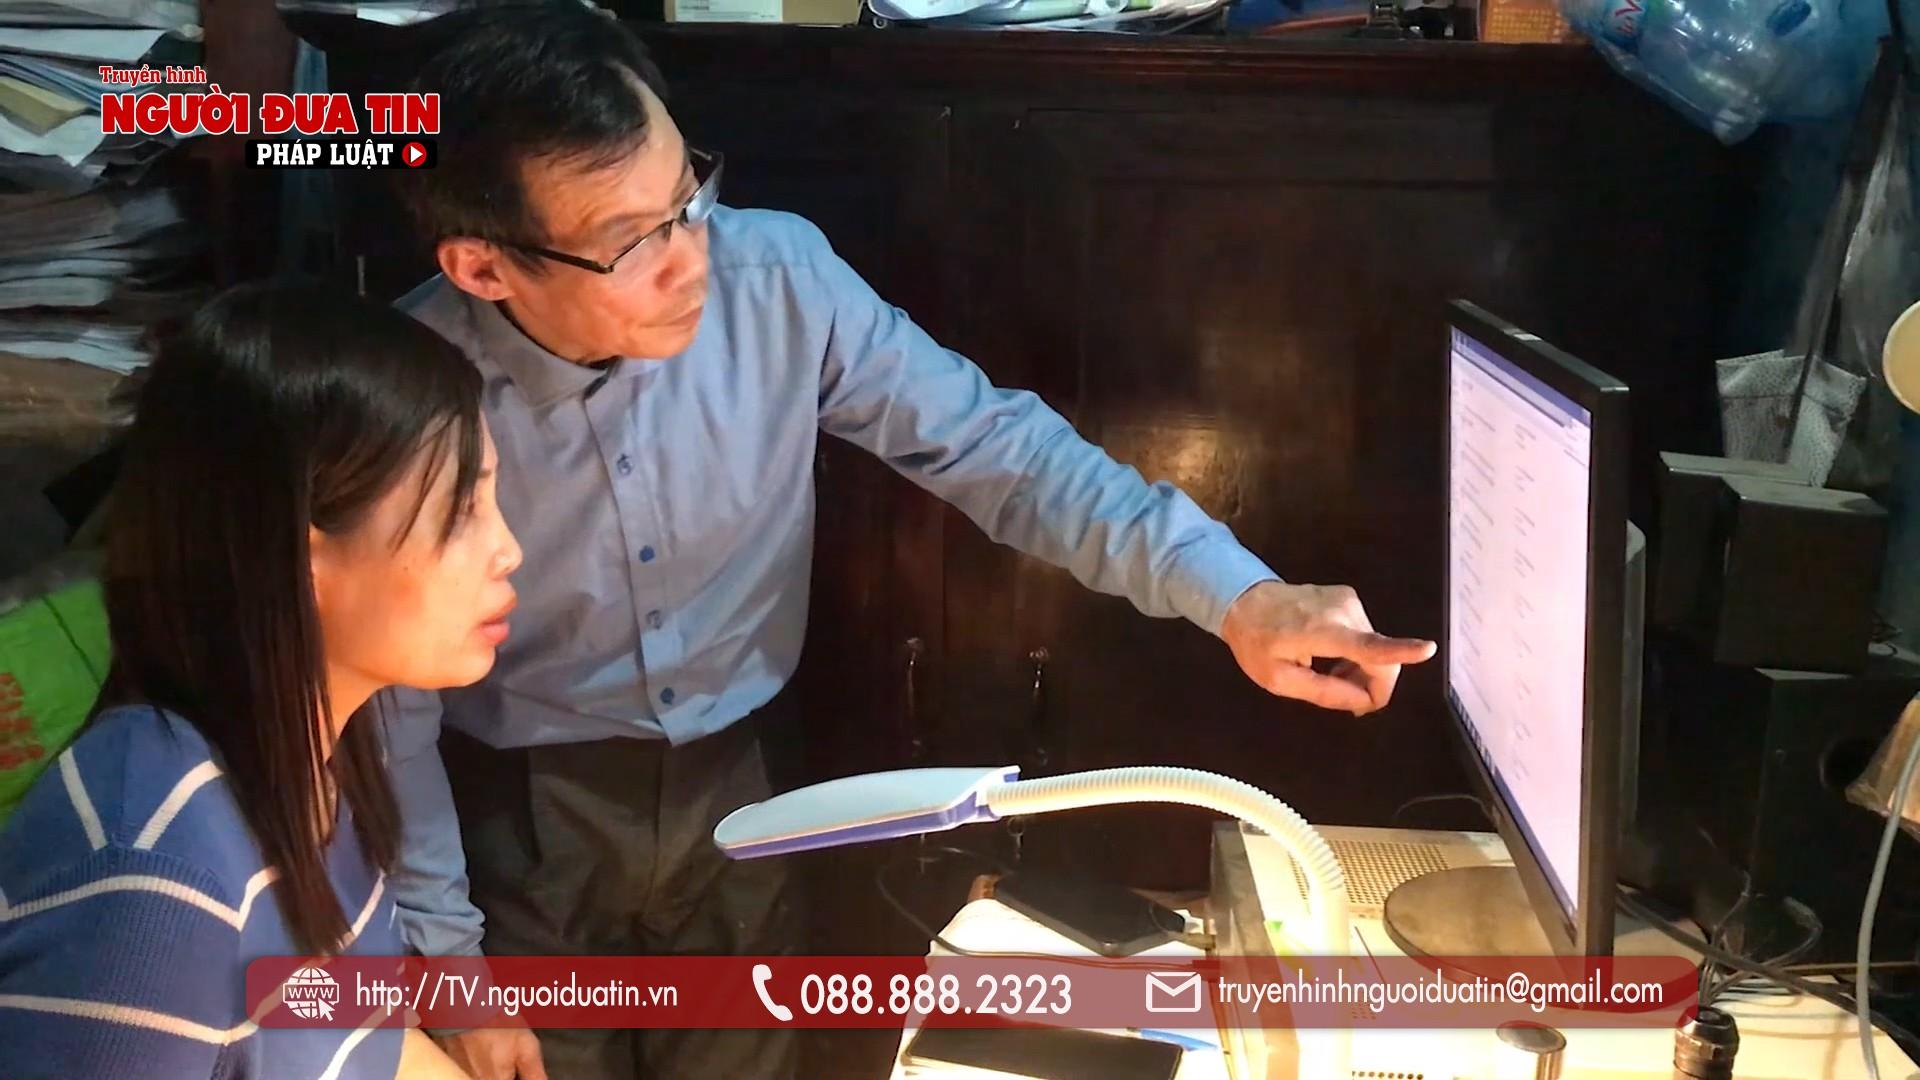 Chống tiêu cực, hai giáo viên ở Hà Nội kêu cứu vì bị cấp trên trù dập - Ảnh 2.